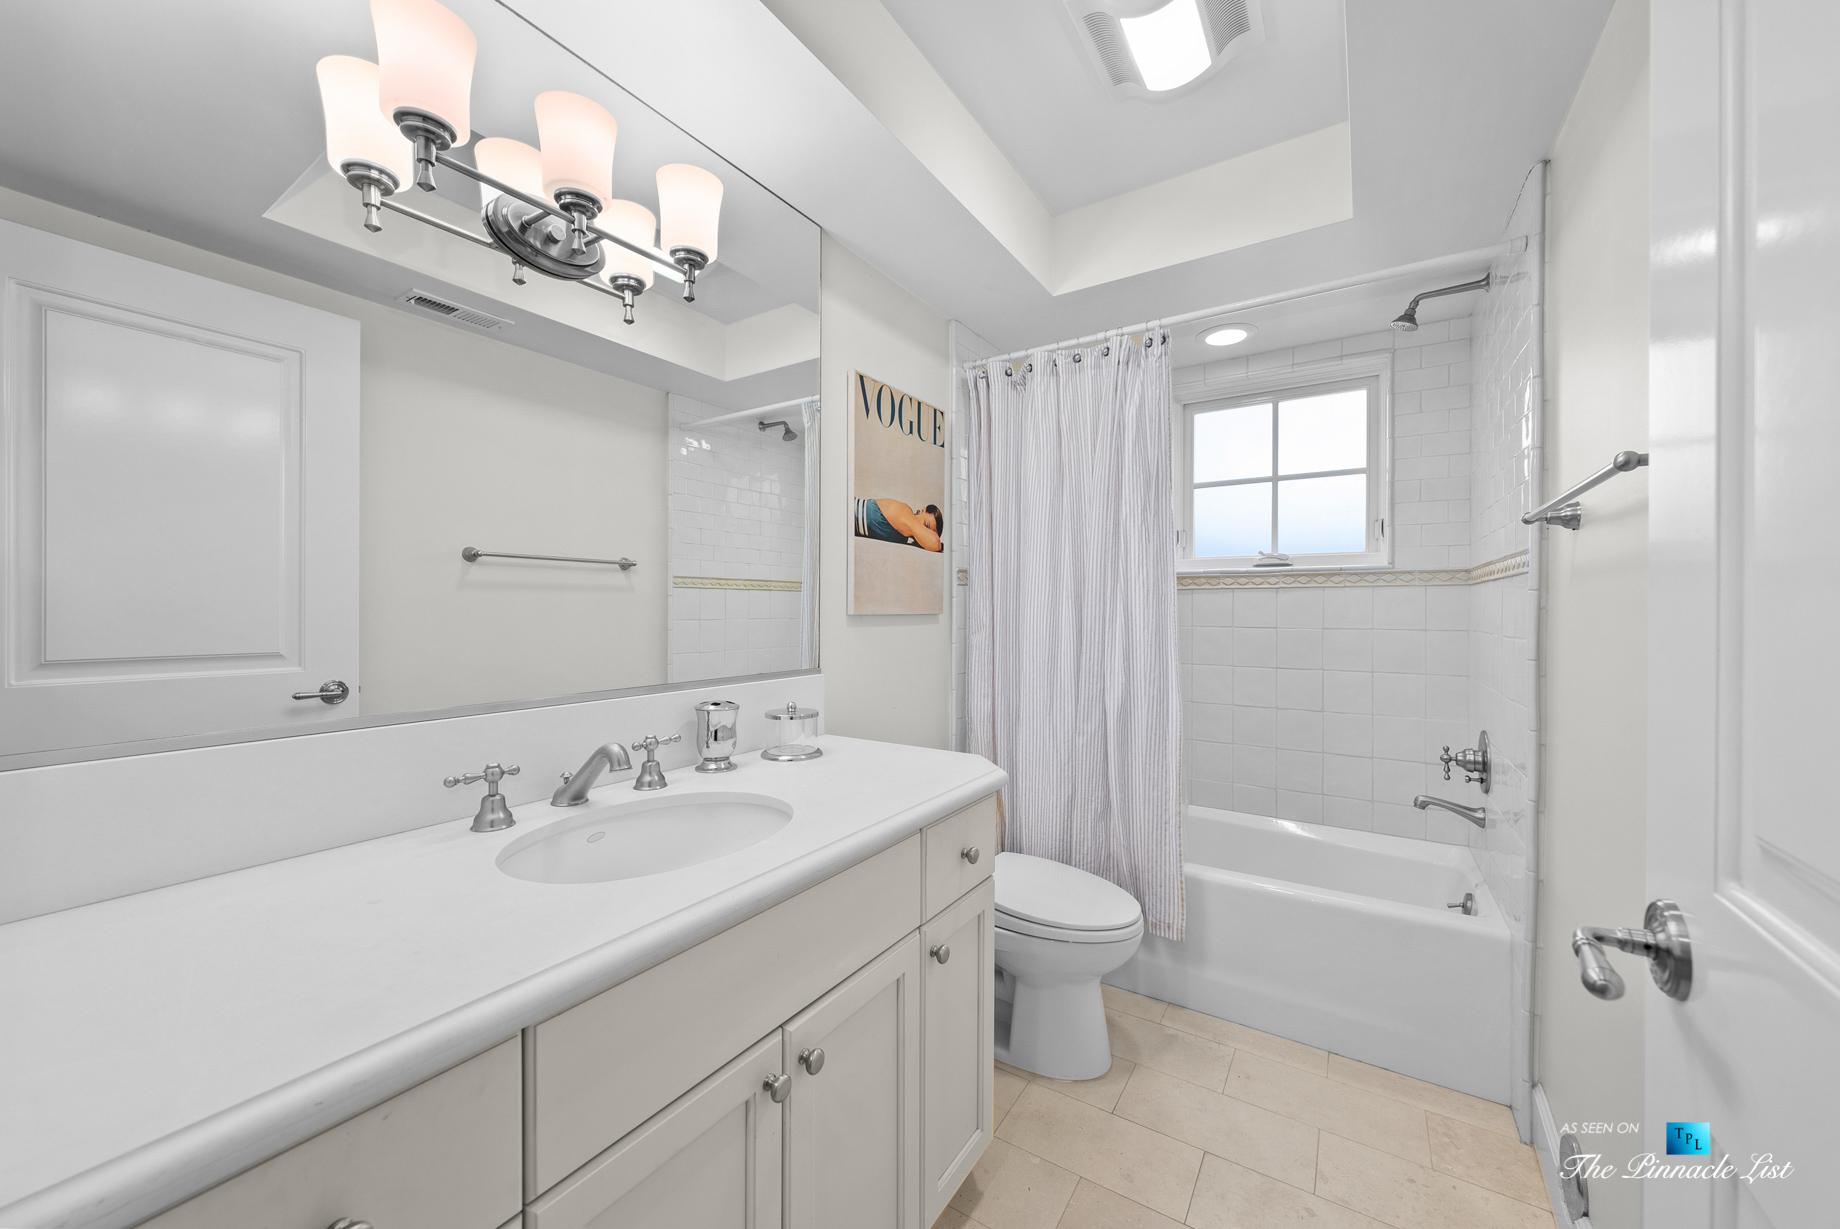 877 8th Street, Manhattan Beach, CA, USA – Bathroom